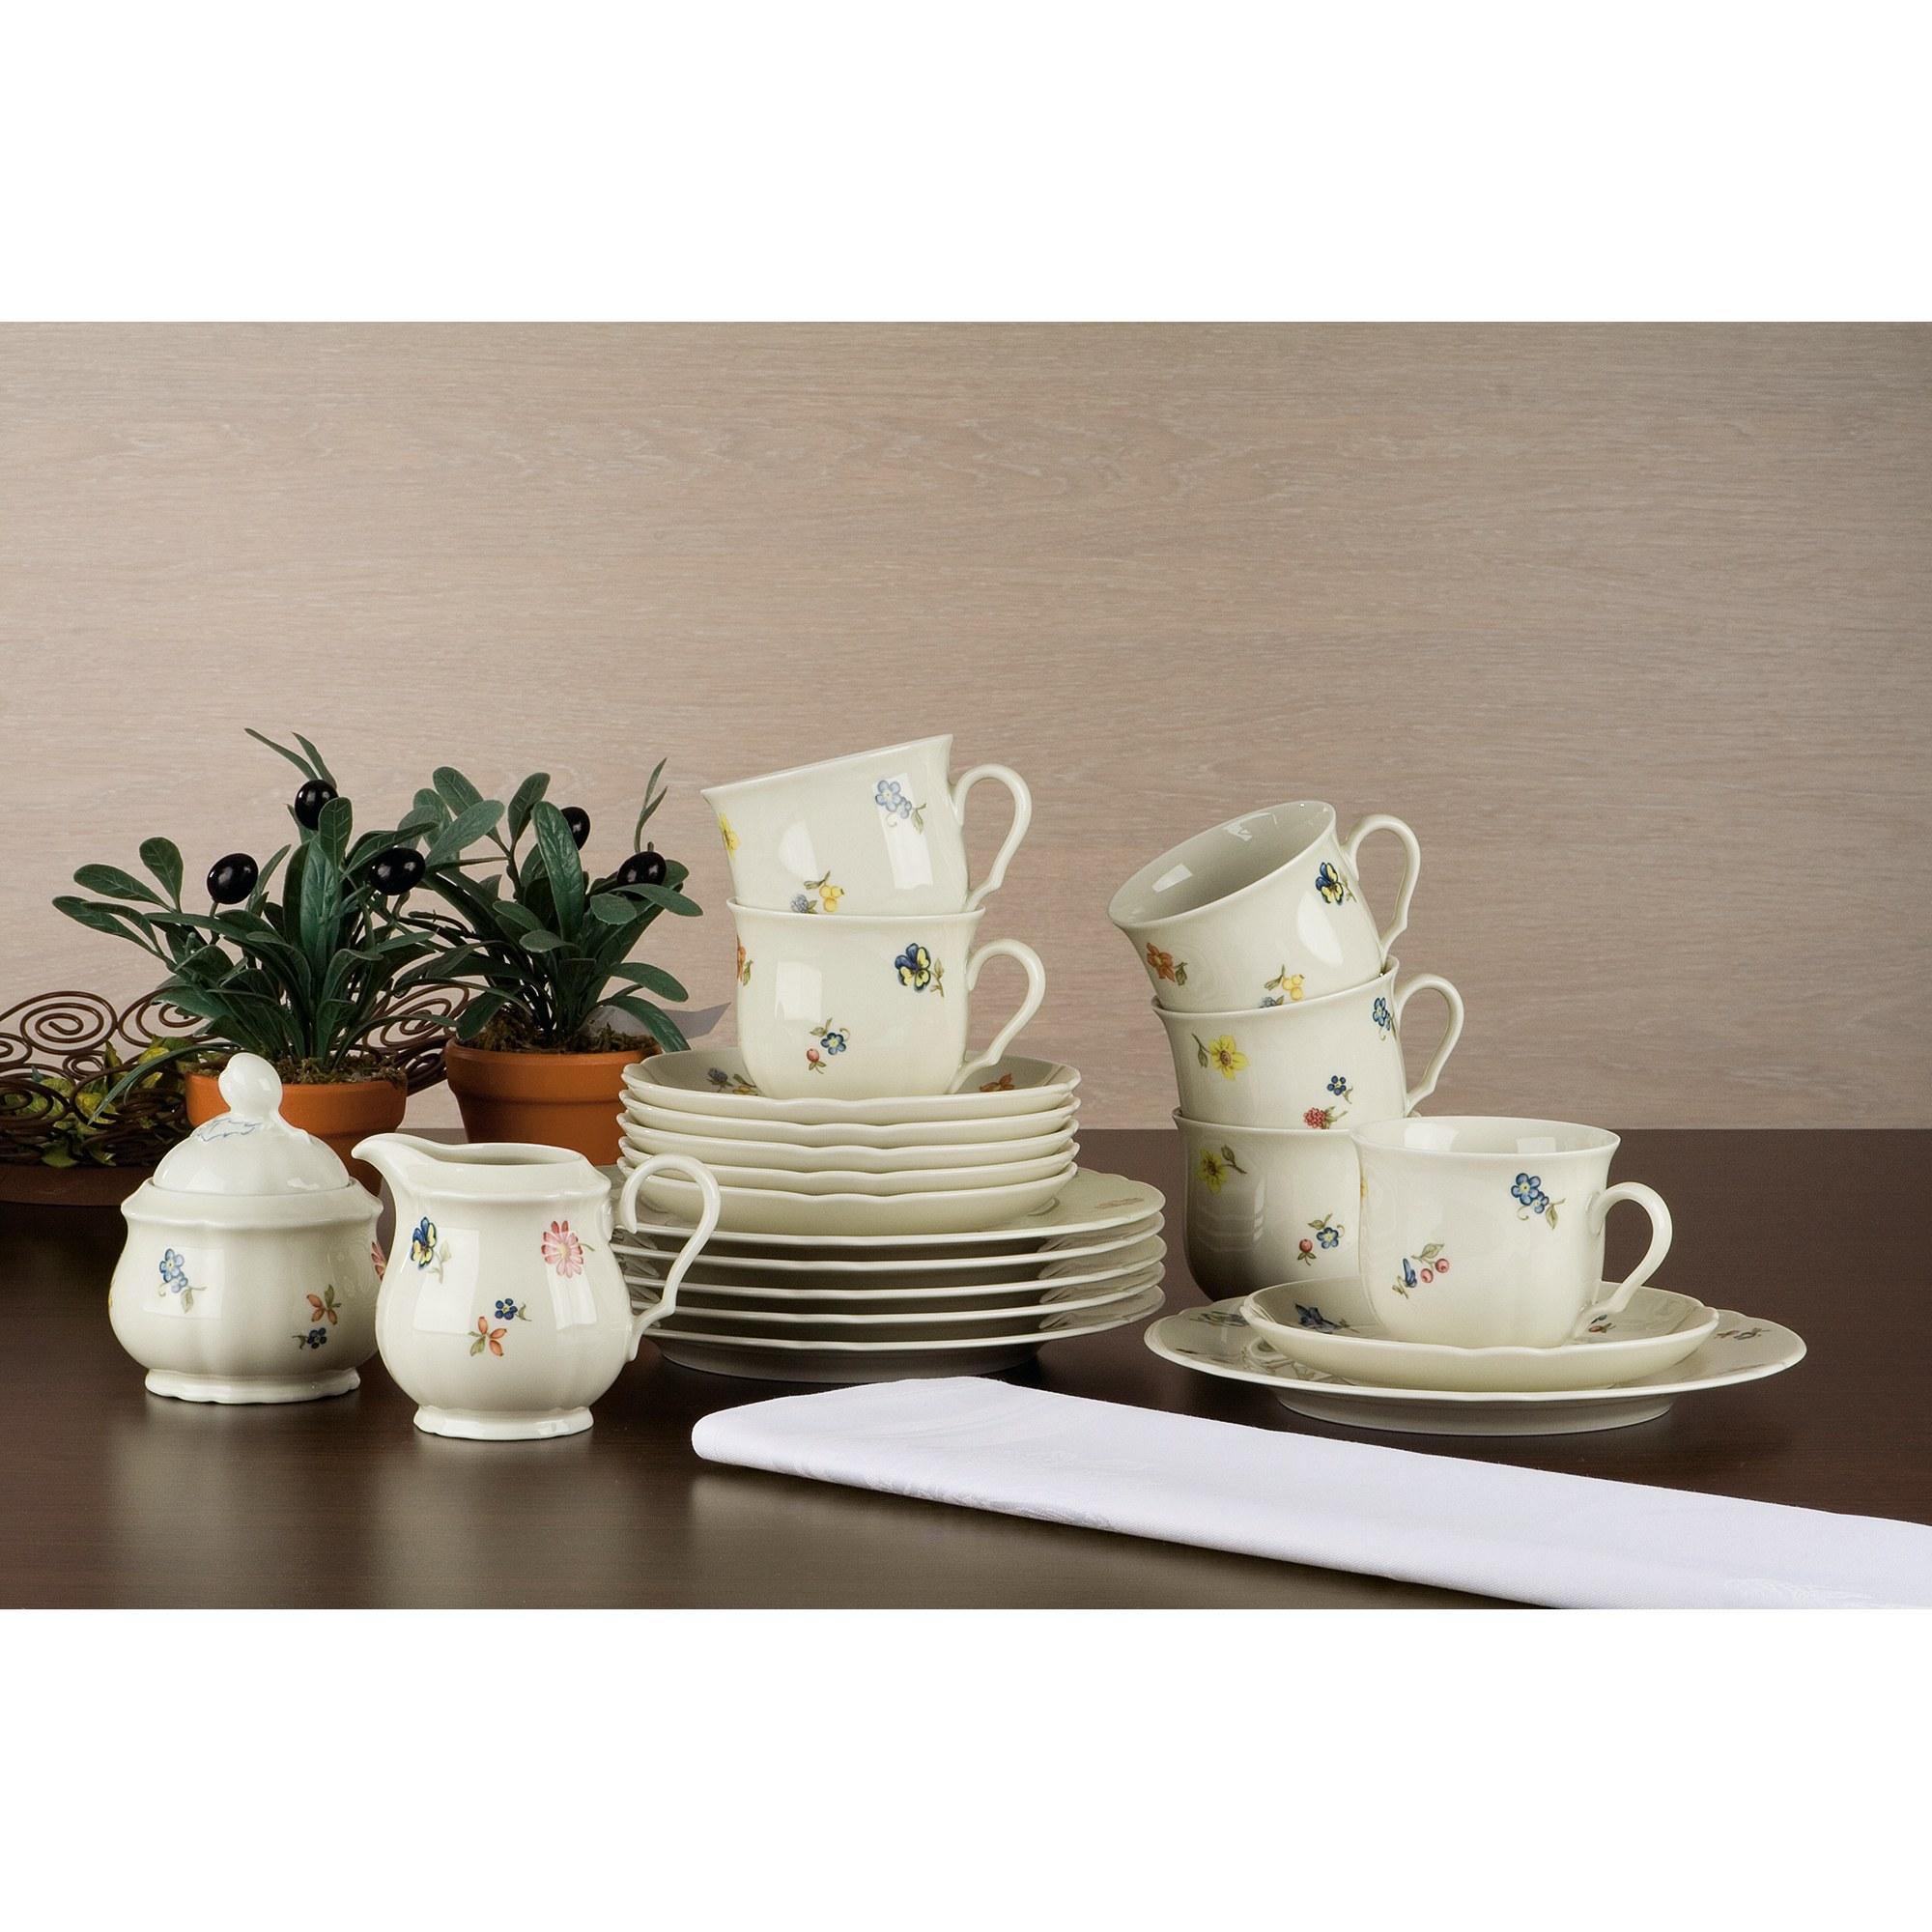 seltmann weiden marie luise elfenbein 44714 kaffeeservice 20 teilig ebay. Black Bedroom Furniture Sets. Home Design Ideas